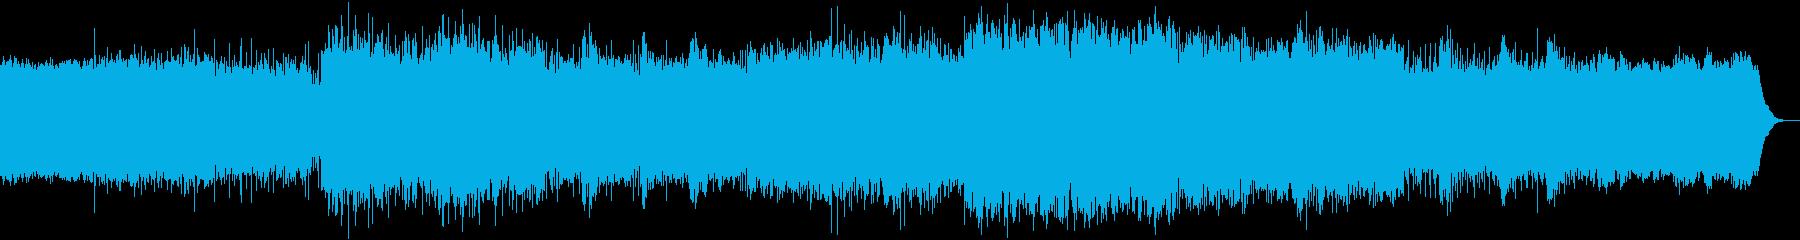 ダークなパイプオルガンと聖歌隊の再生済みの波形